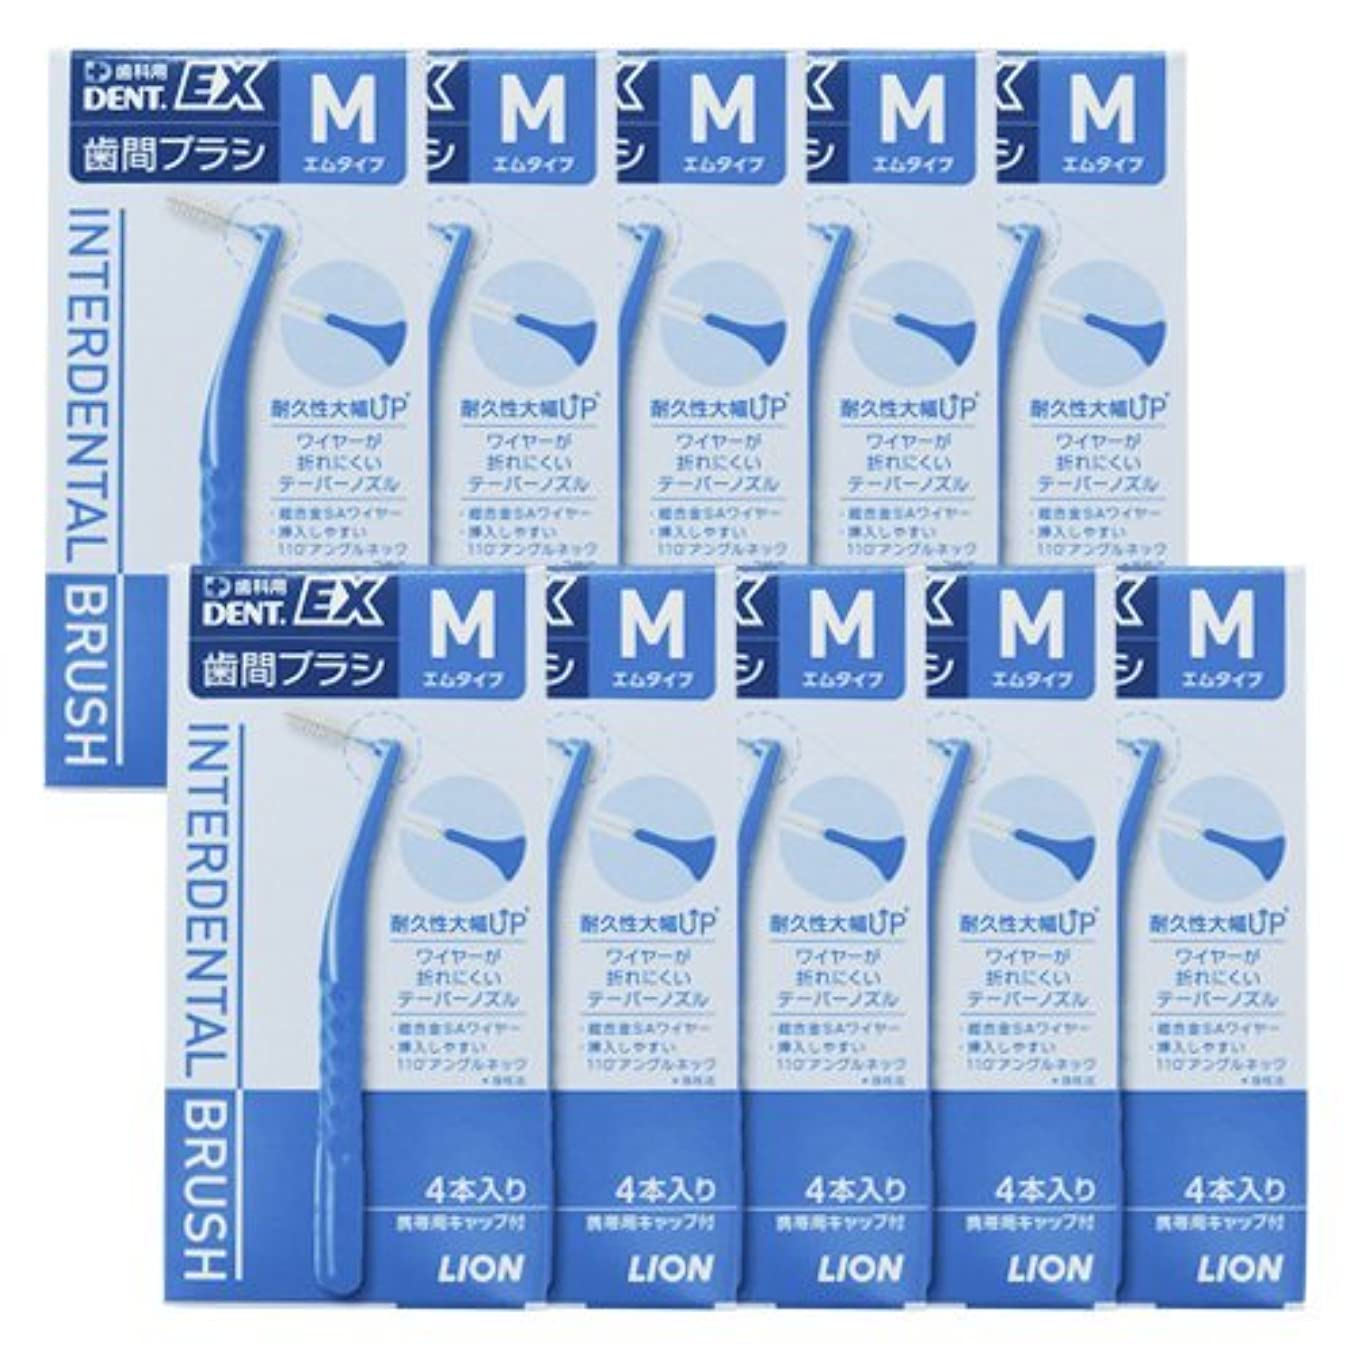 従順な昇進ブレスライオン(LION) デント EX 歯間ブラシ M (LION DENT. EX 歯間ブラシ) 10箱 40本セット